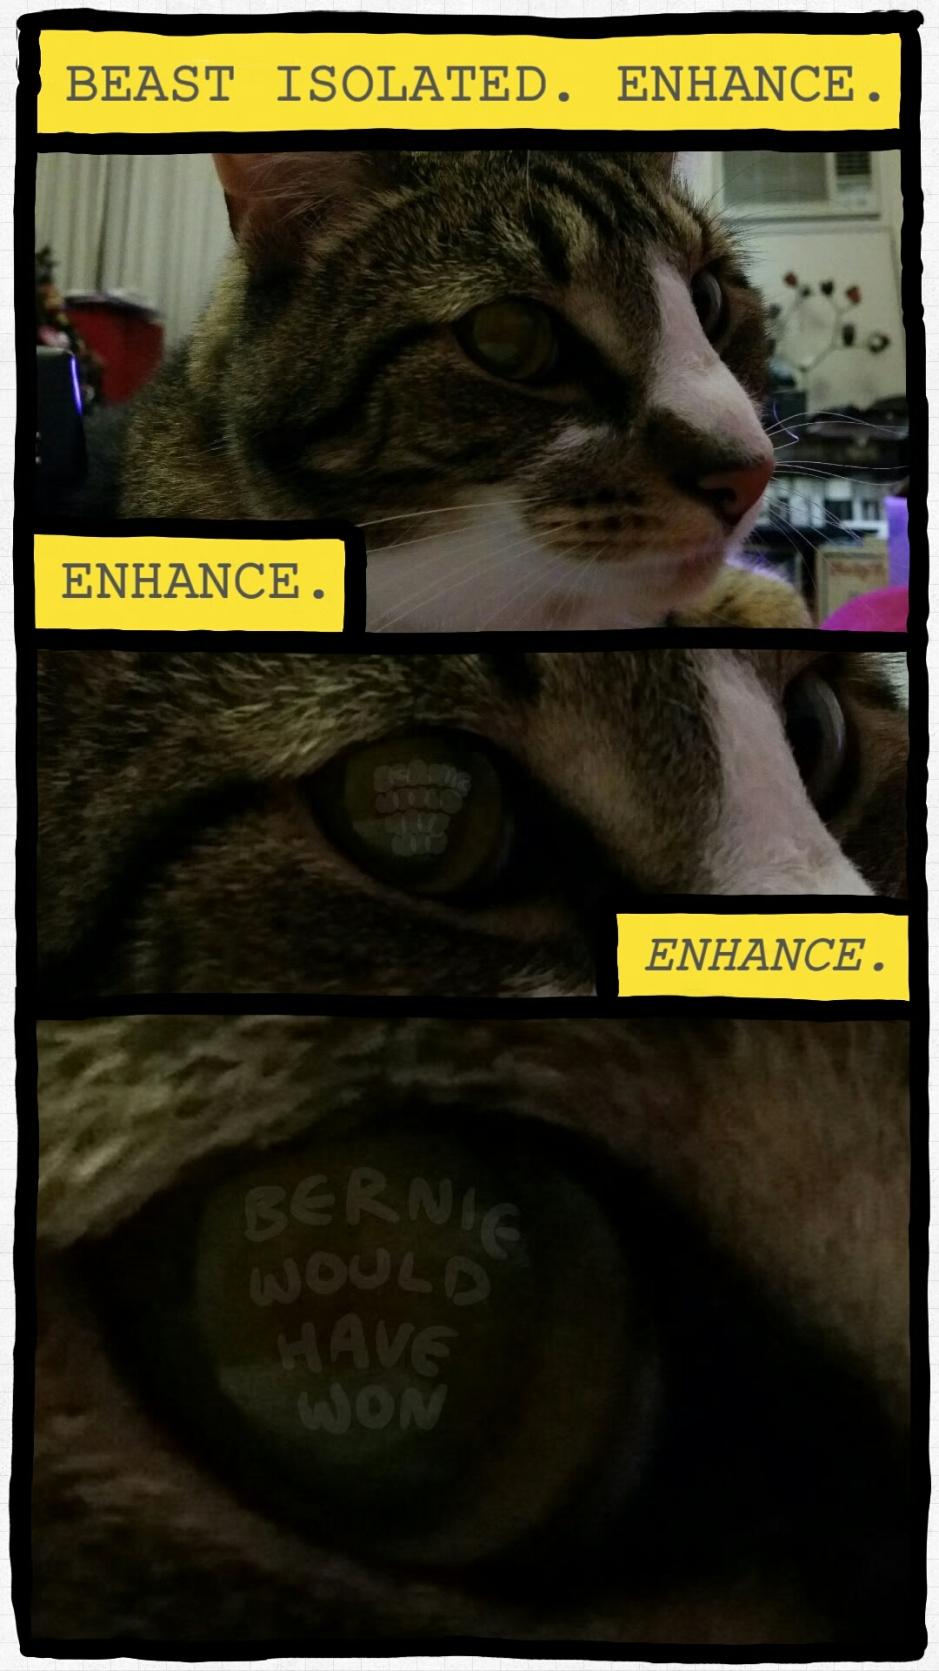 ENHANCE. FOREVER